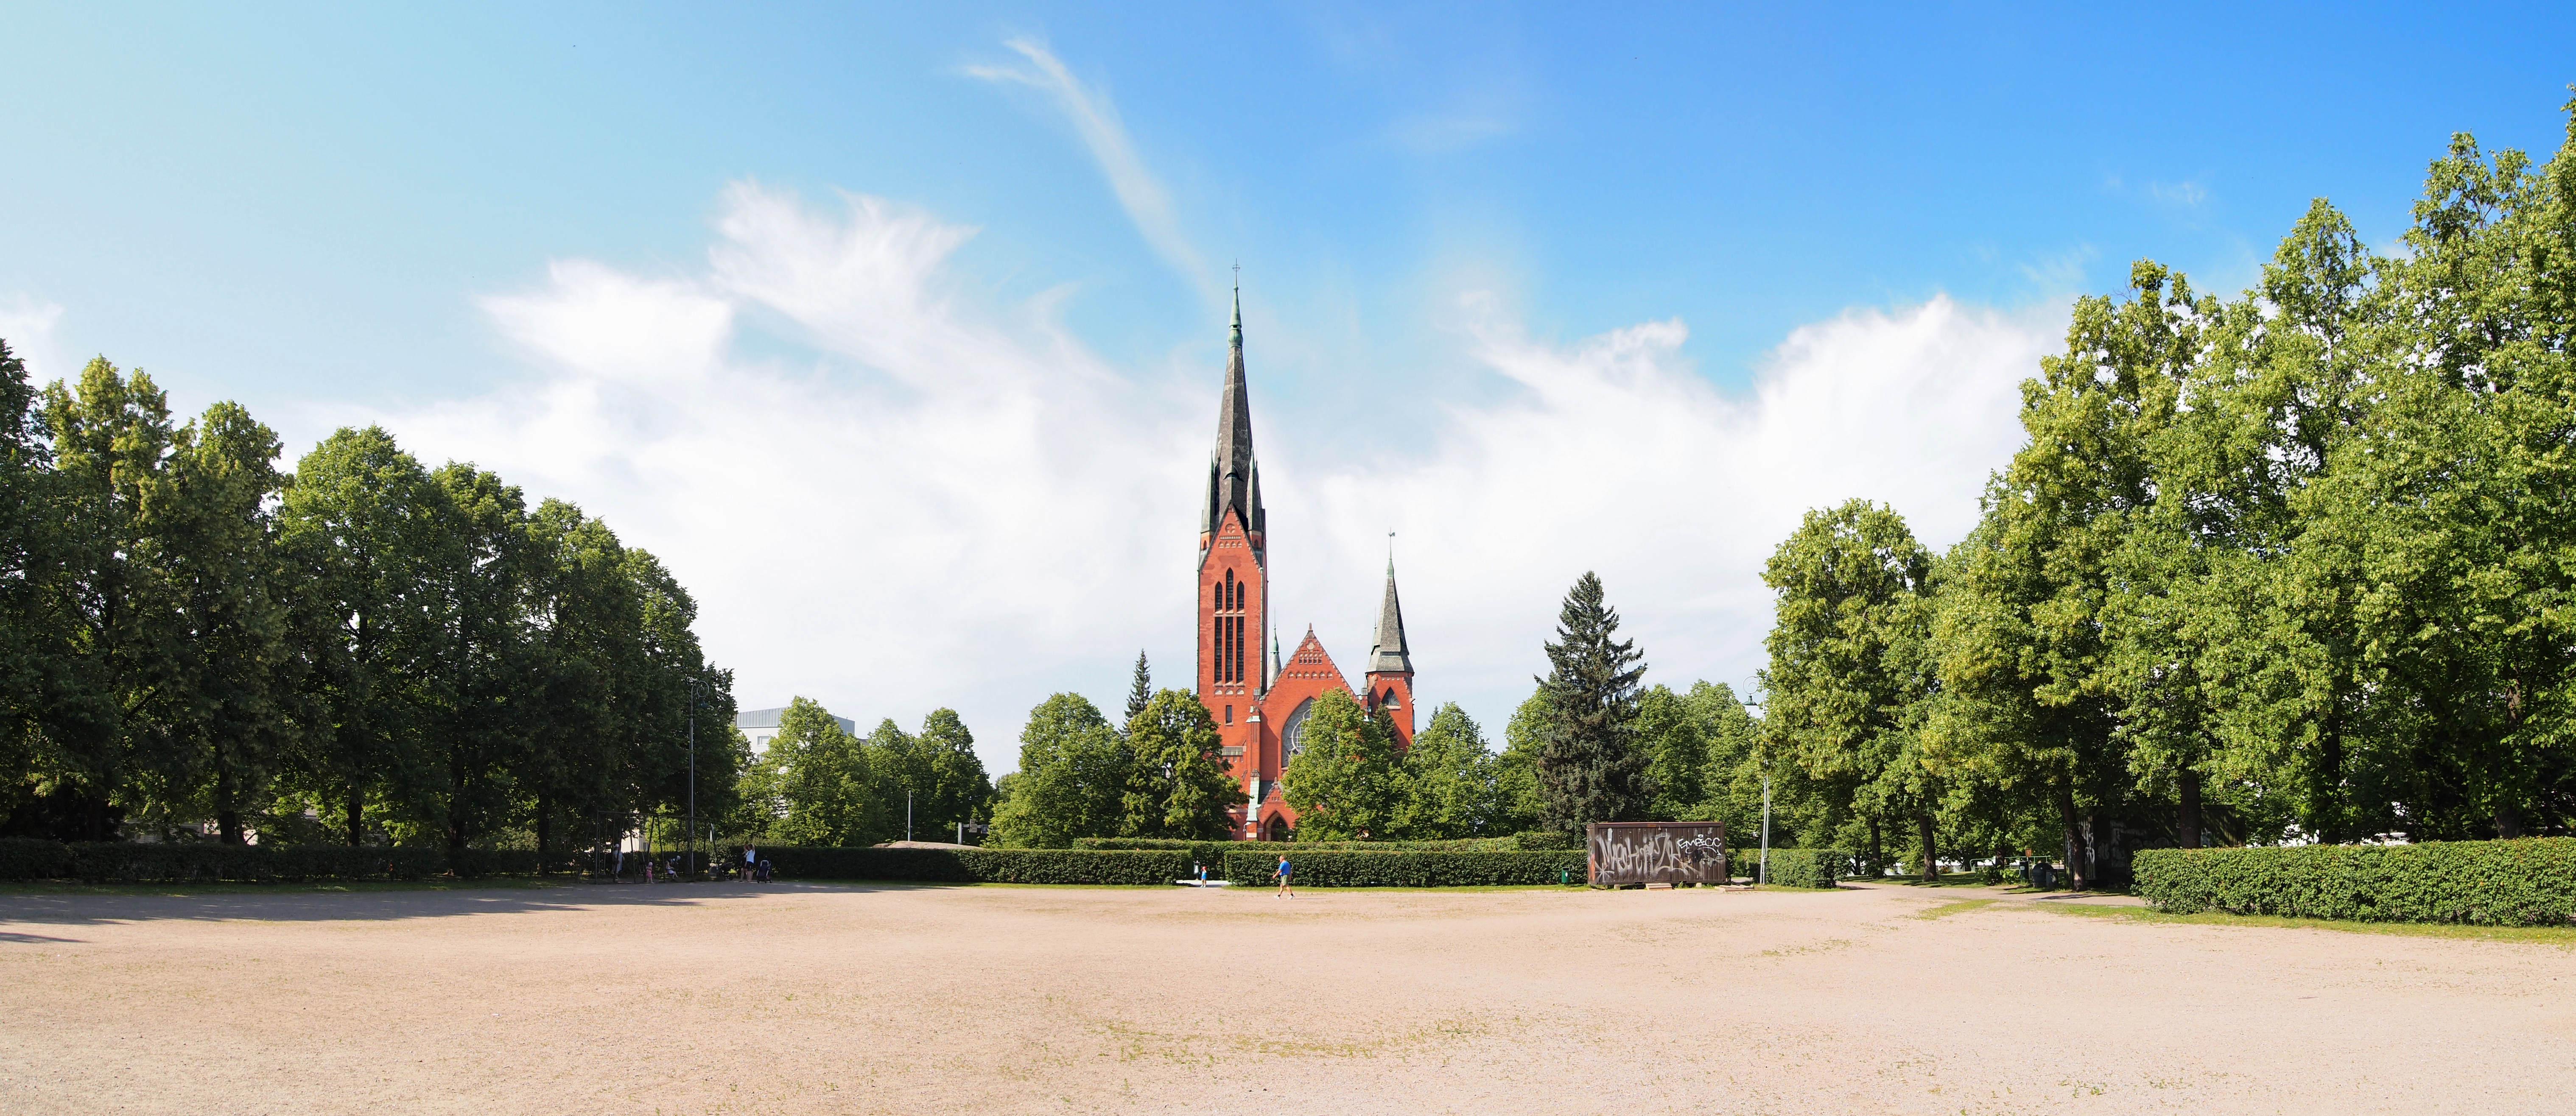 Mannerheimin Puisto